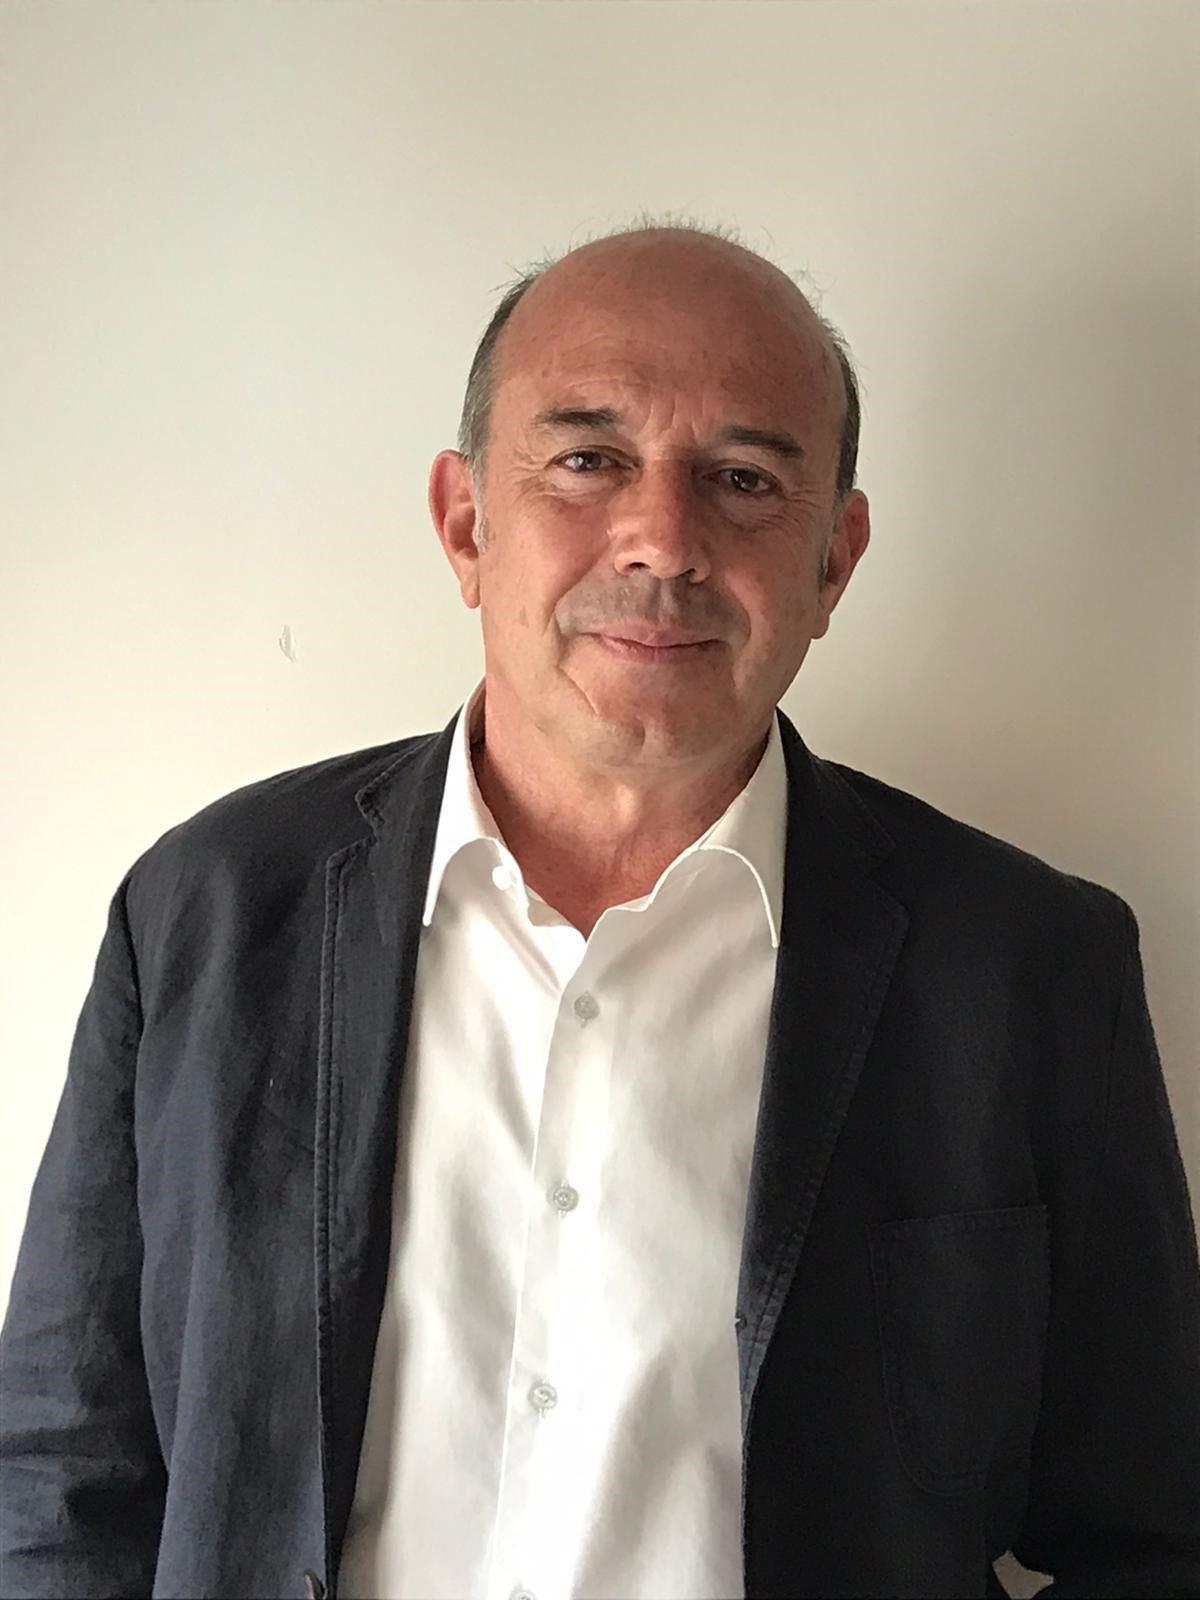 Fotografia Enrique Cortés, Consejero de Grupo Revenga